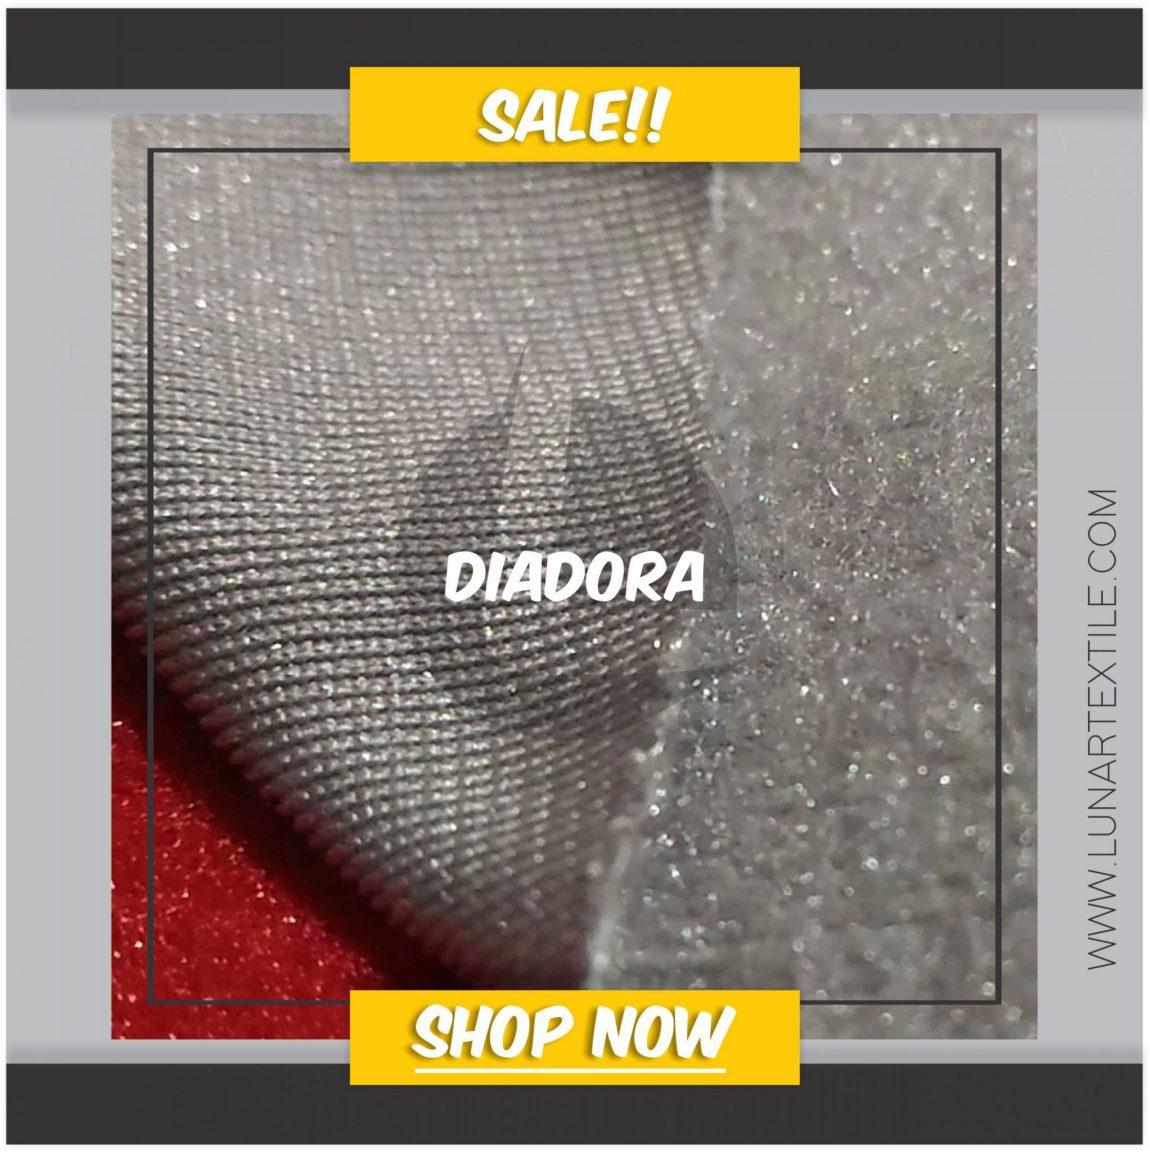 Kain Diadora